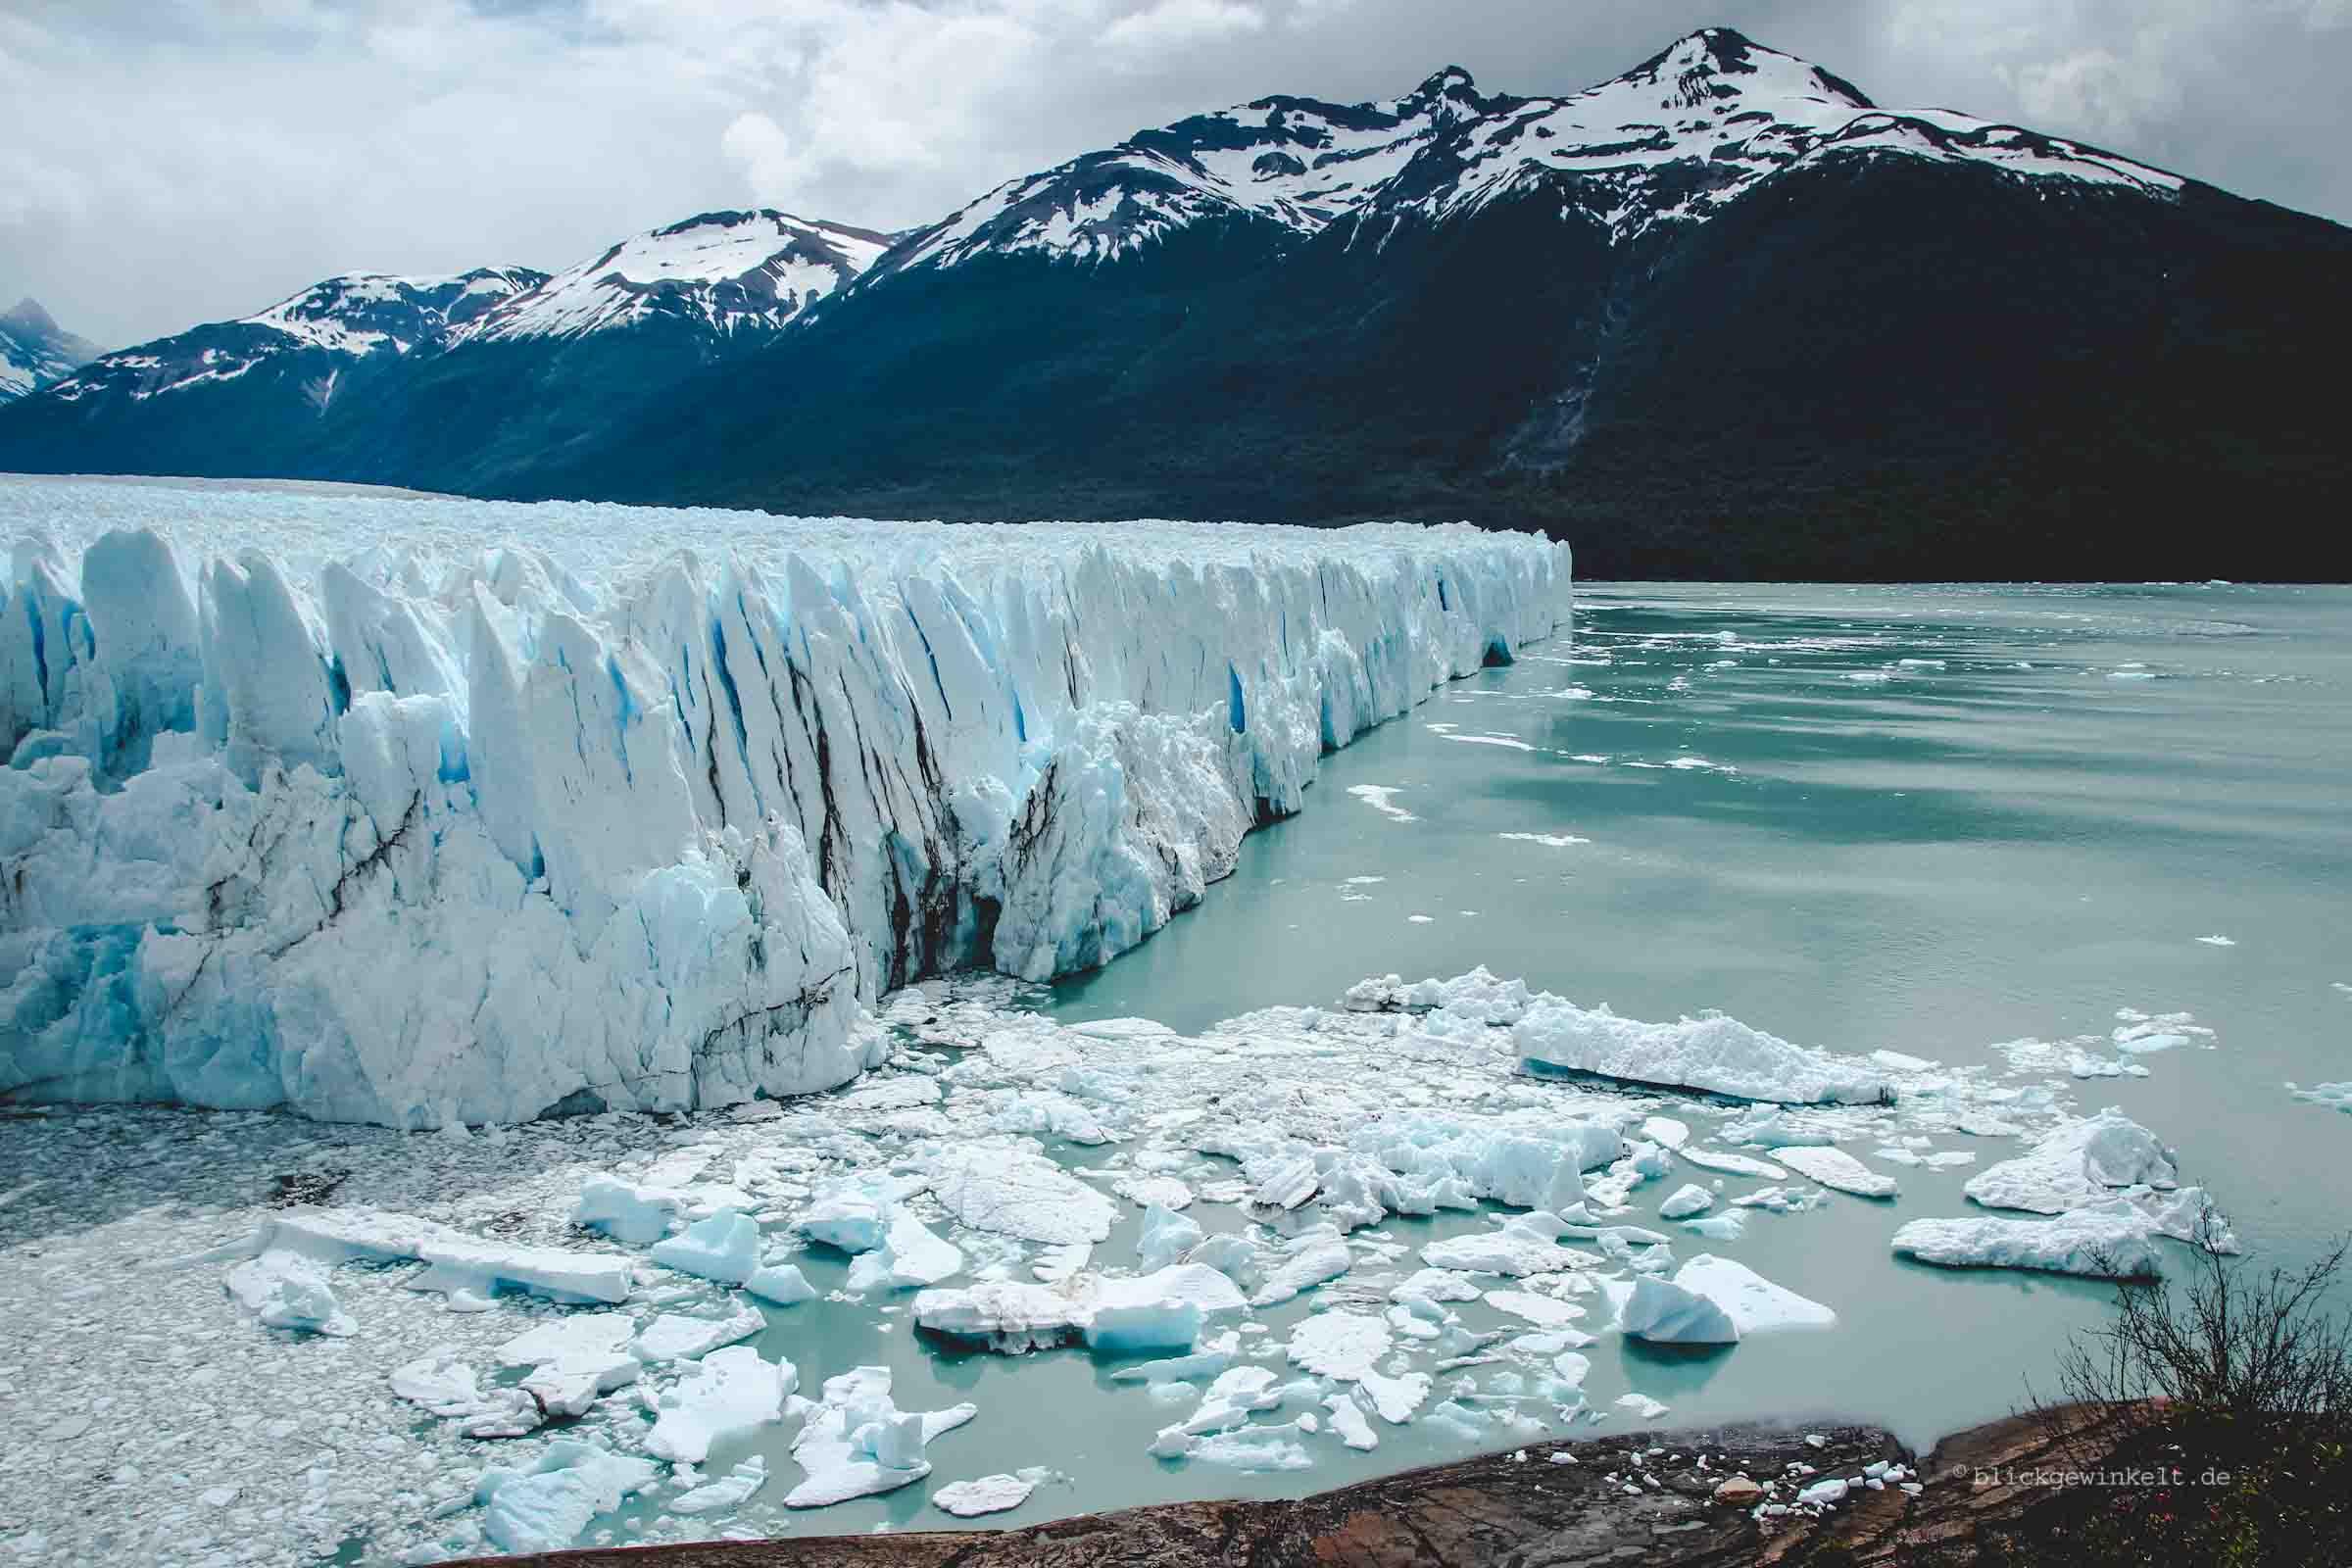 Abbruchkante des Gletschers mit türkisen Gletschersee